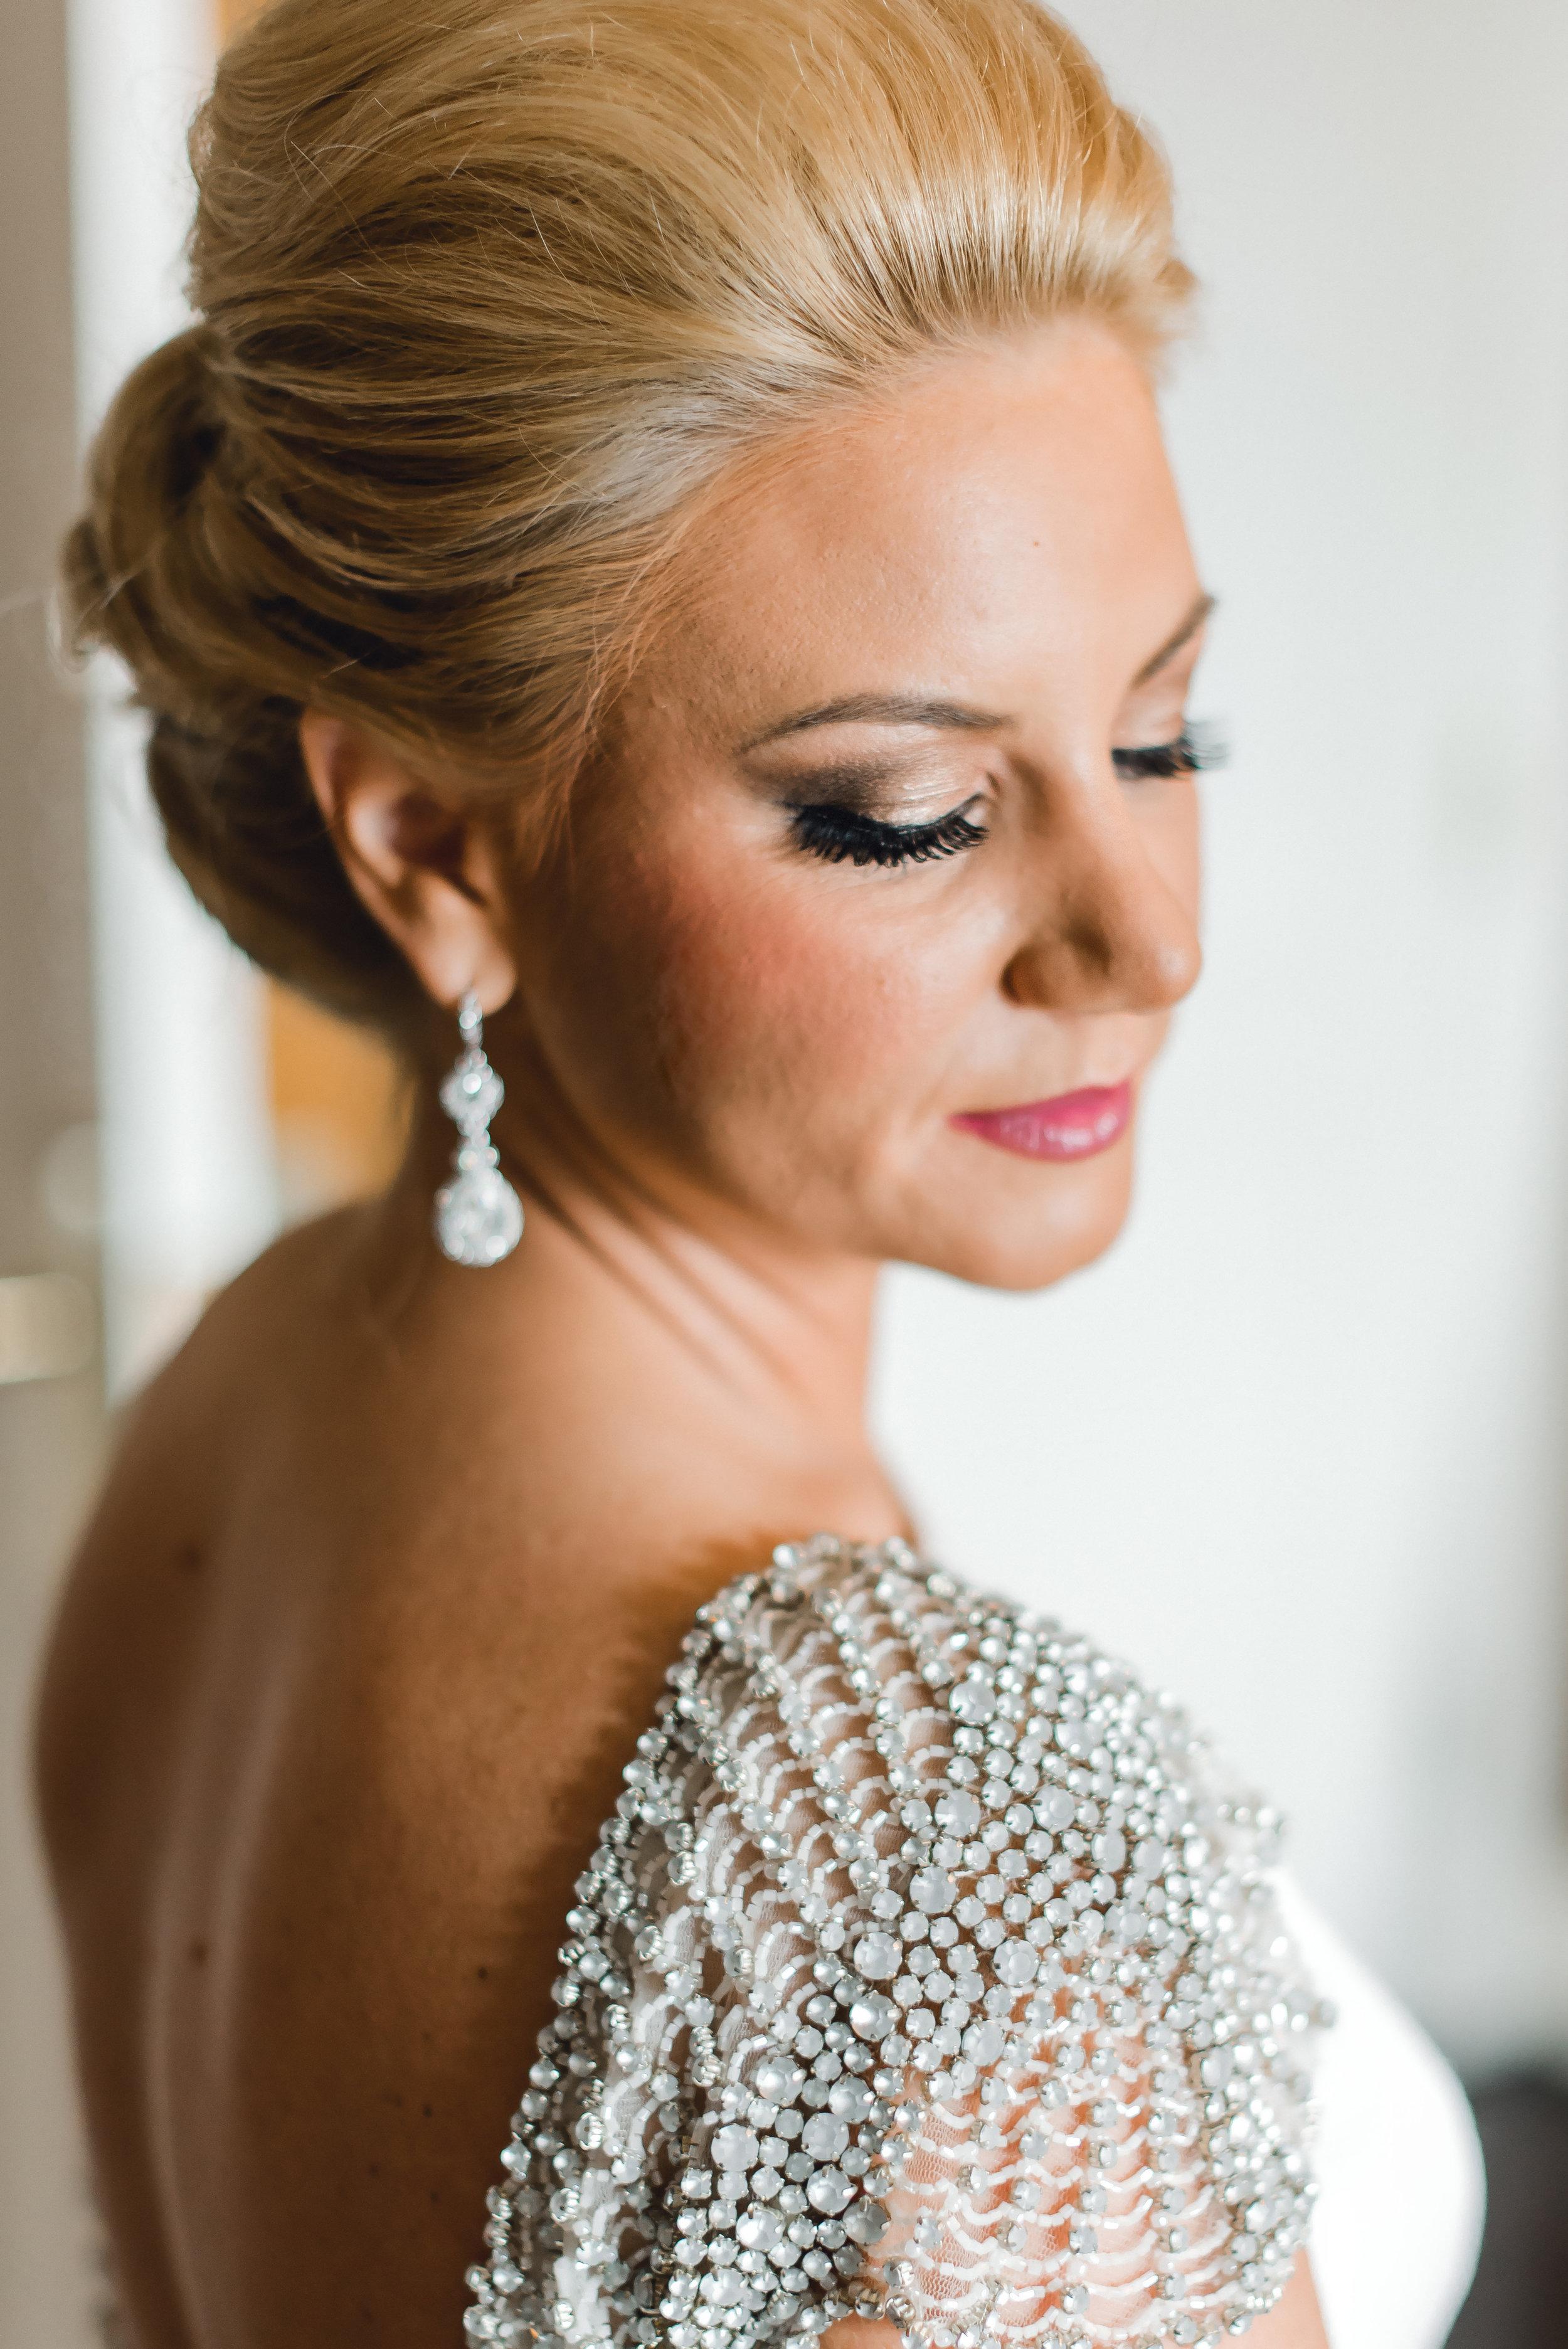 omni-william-penn-wedding-classic-chic-modern-photography-0012.jpg